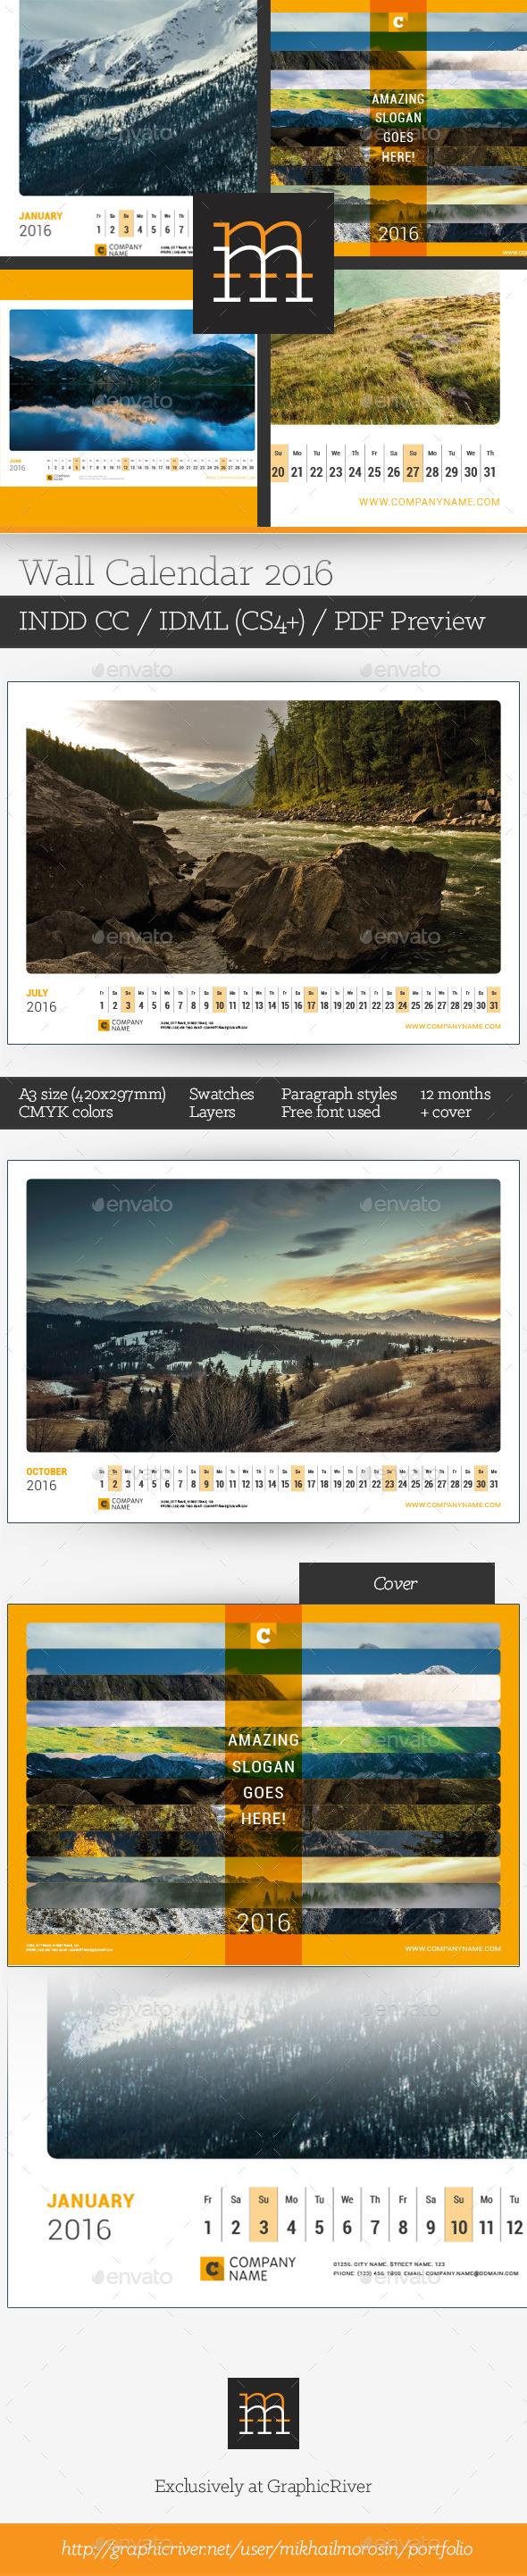 GraphicRiver Wall Calendar 2016 11562681